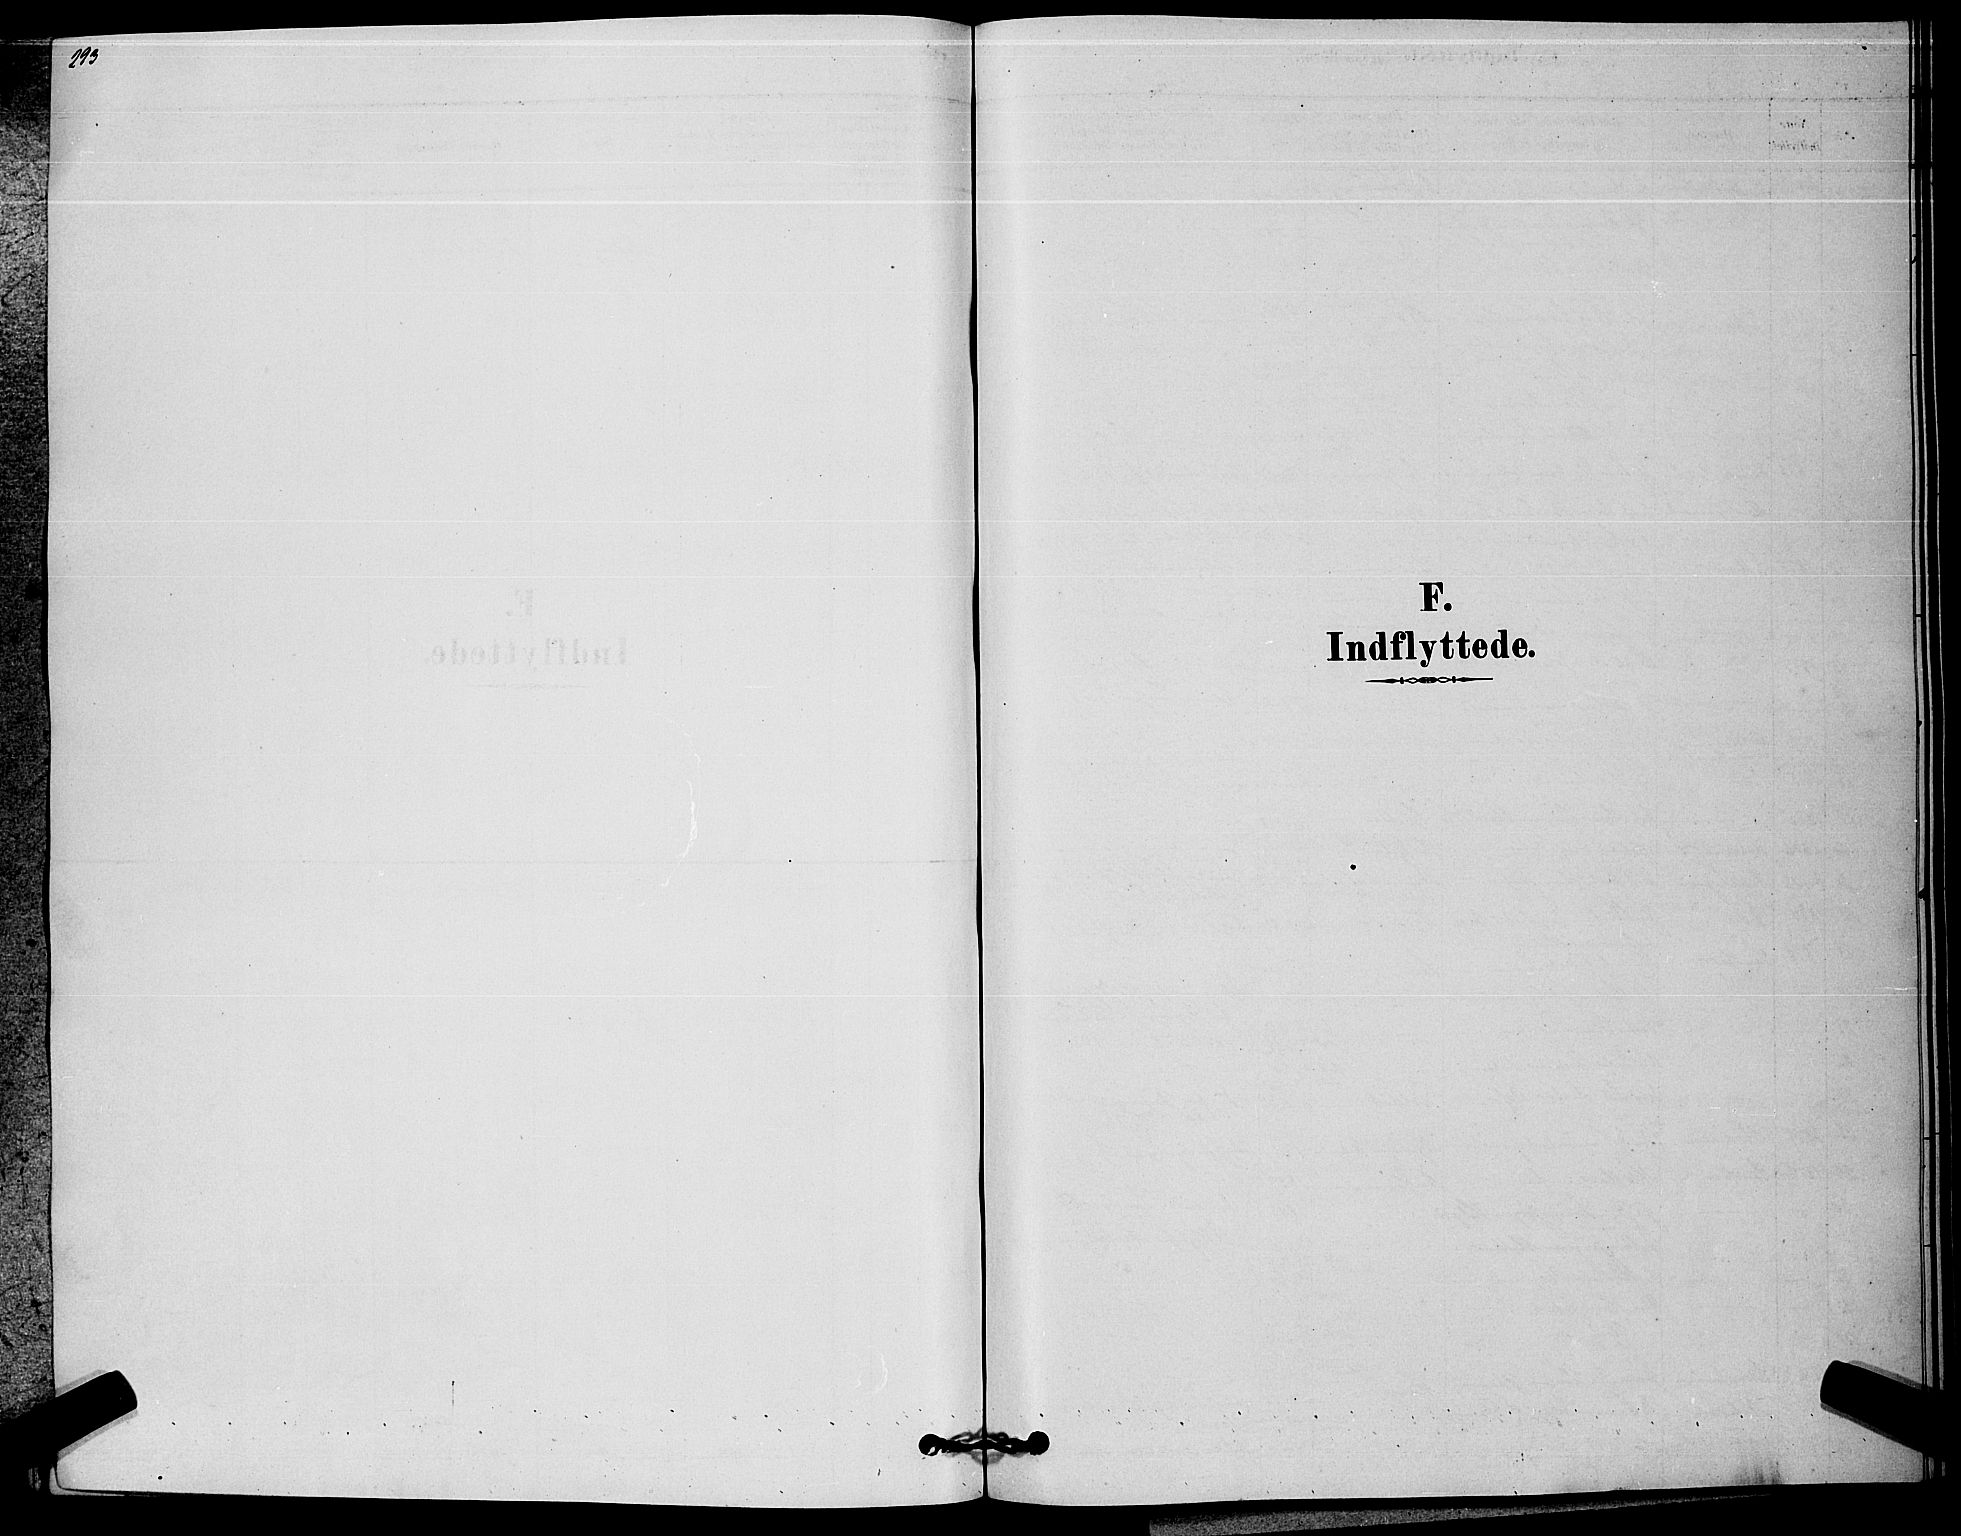 SAKO, Kongsberg kirkebøker, G/Ga/L0005: Klokkerbok nr. 5, 1878-1889, s. 293